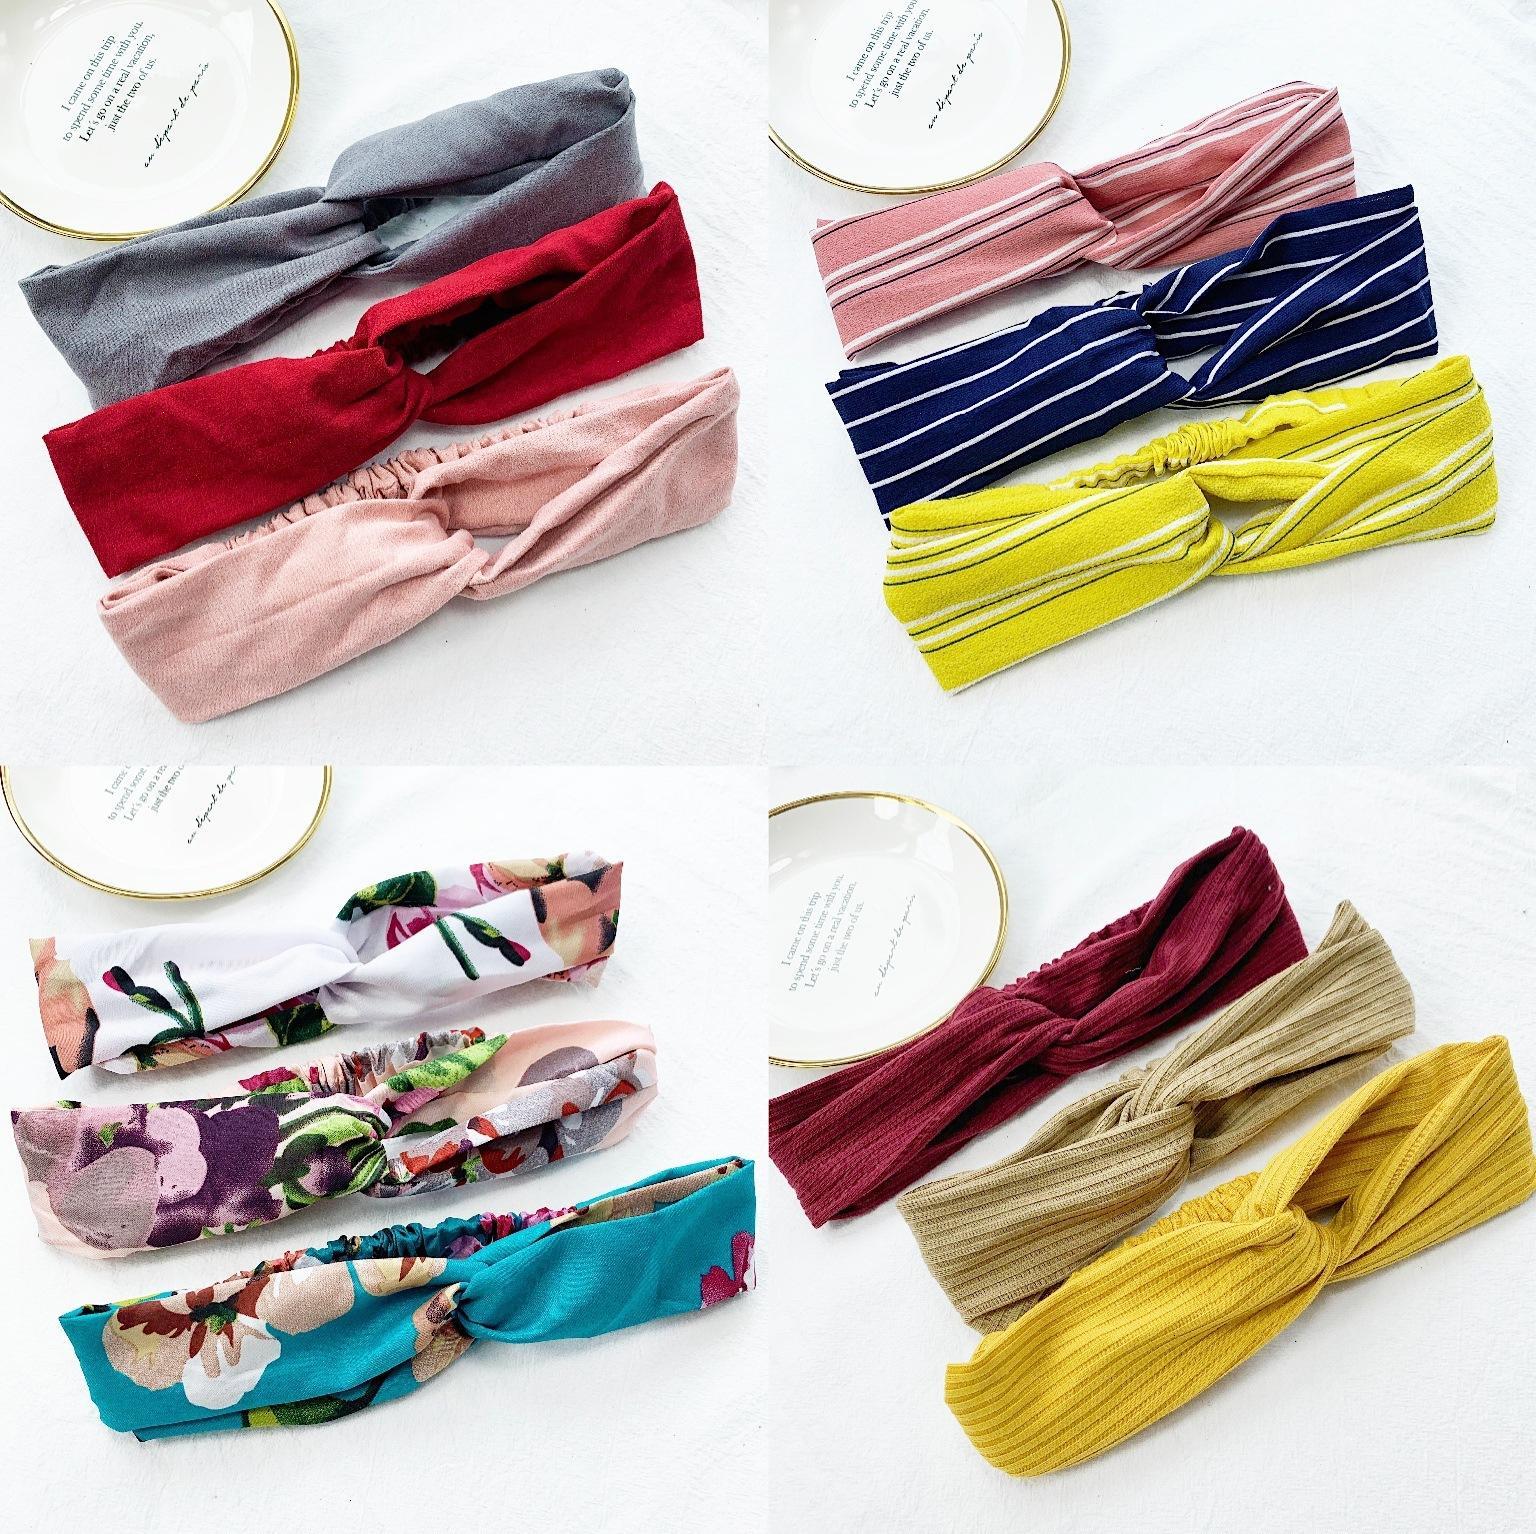 Estilos múltiples de la venta caliente simple moda salvaje señora tela nudo del arco de la venda de corbata de la cuerda de accesorios para el cabello